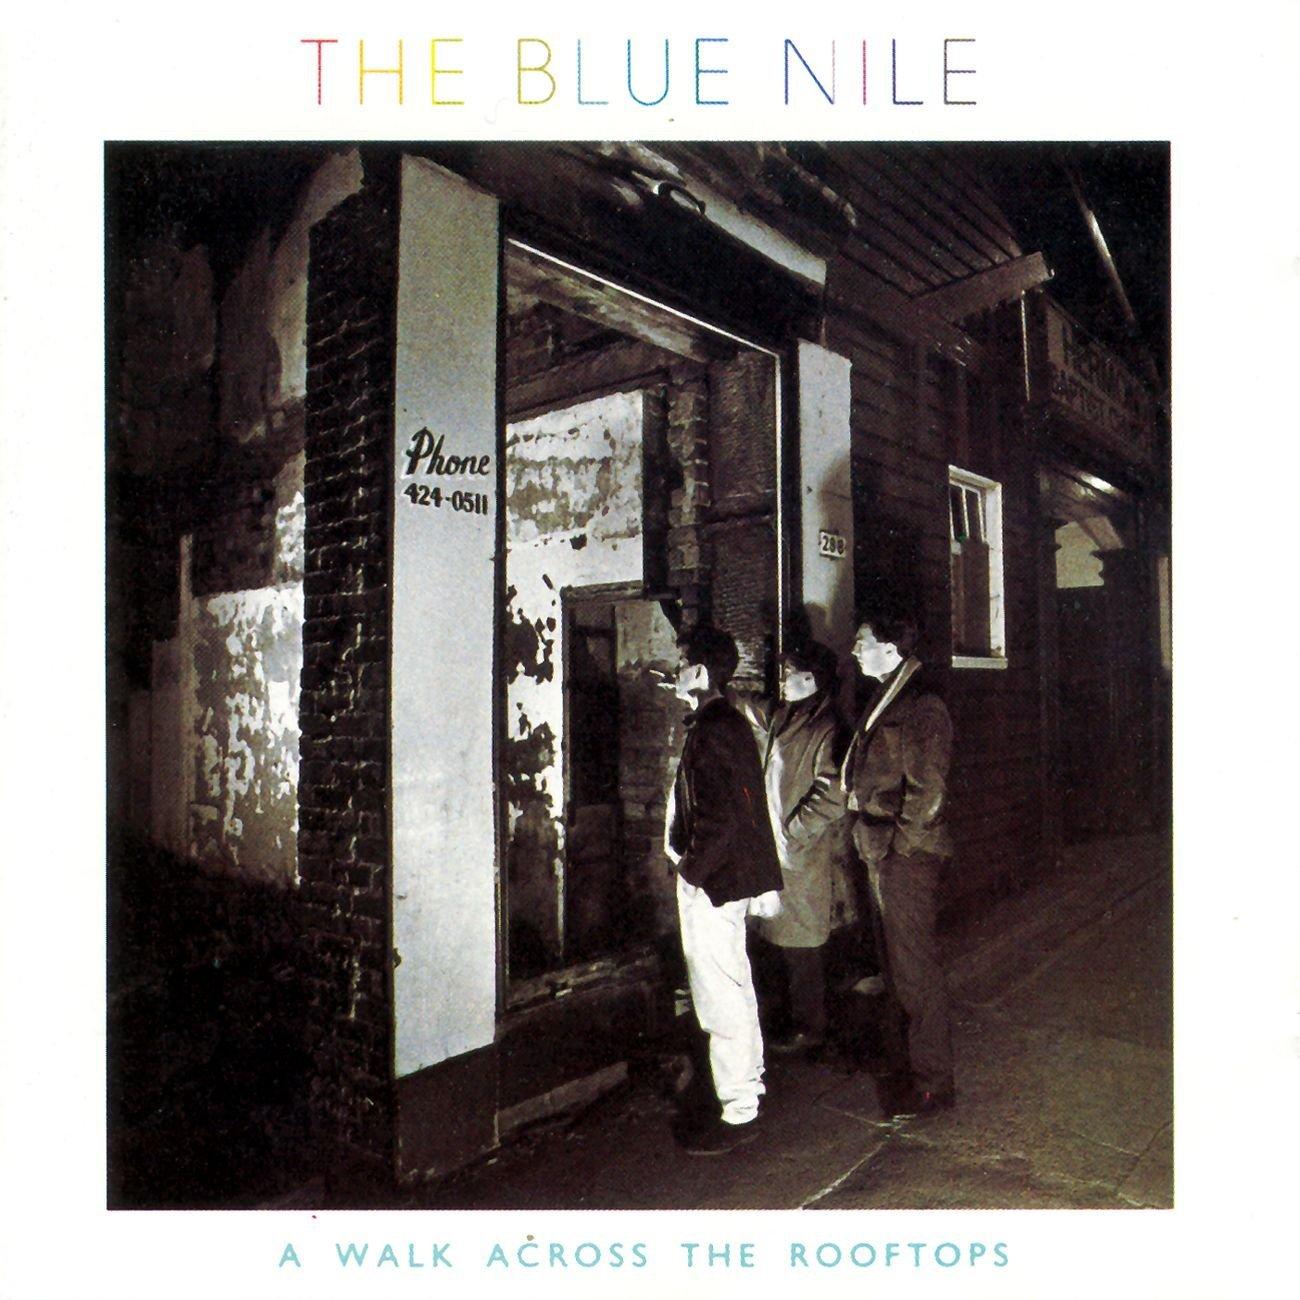 The Blue Nile - A Walk Across the Rooftops (1983)  Présenté par Francis Zégut La Bellevilloise